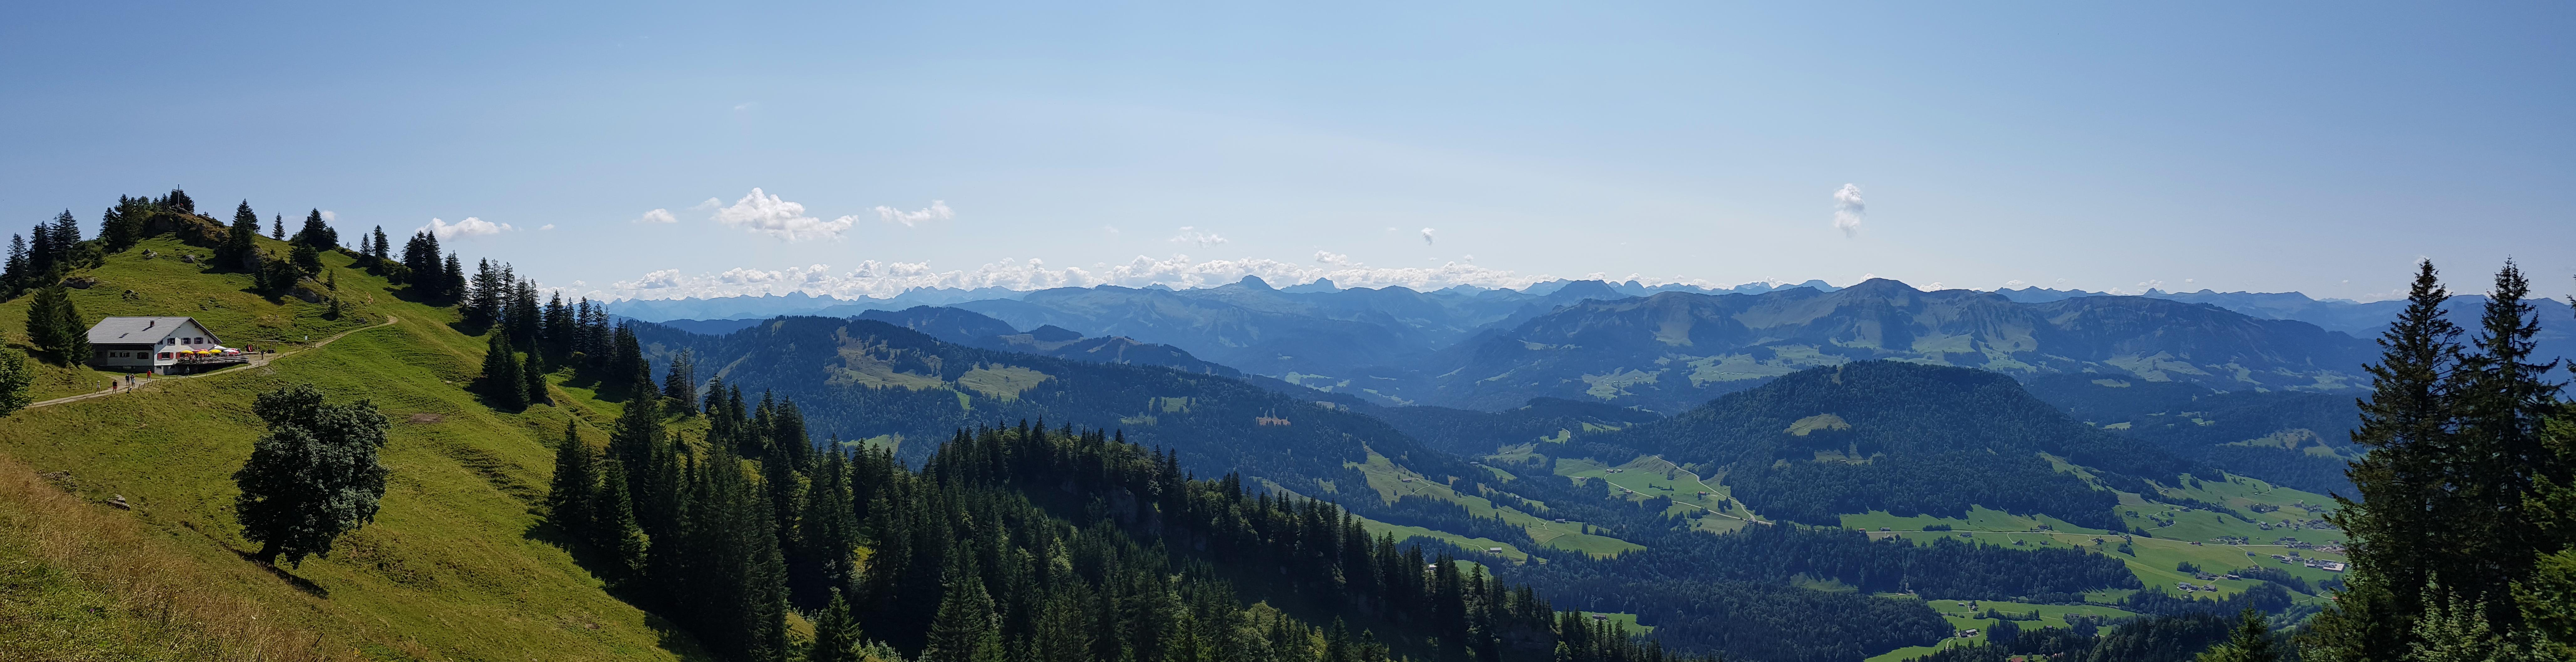 Panorama Hochhäderich mit Blick nach Süden, 16. August 2018